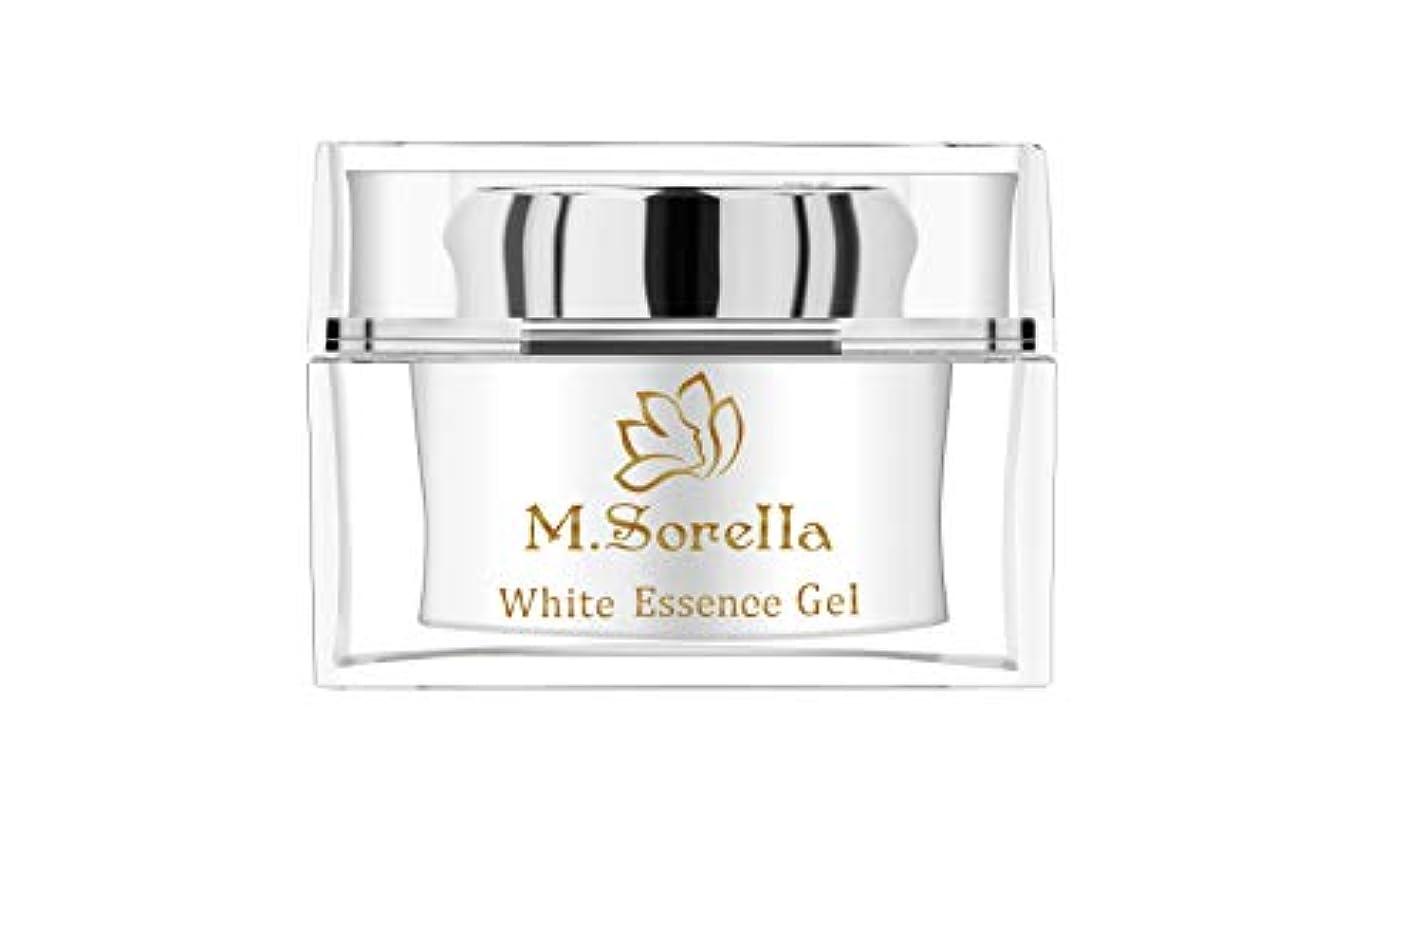 カルシウム綺麗な織る【令和新商品】M.Sorella ホワイトエッセンスジェル